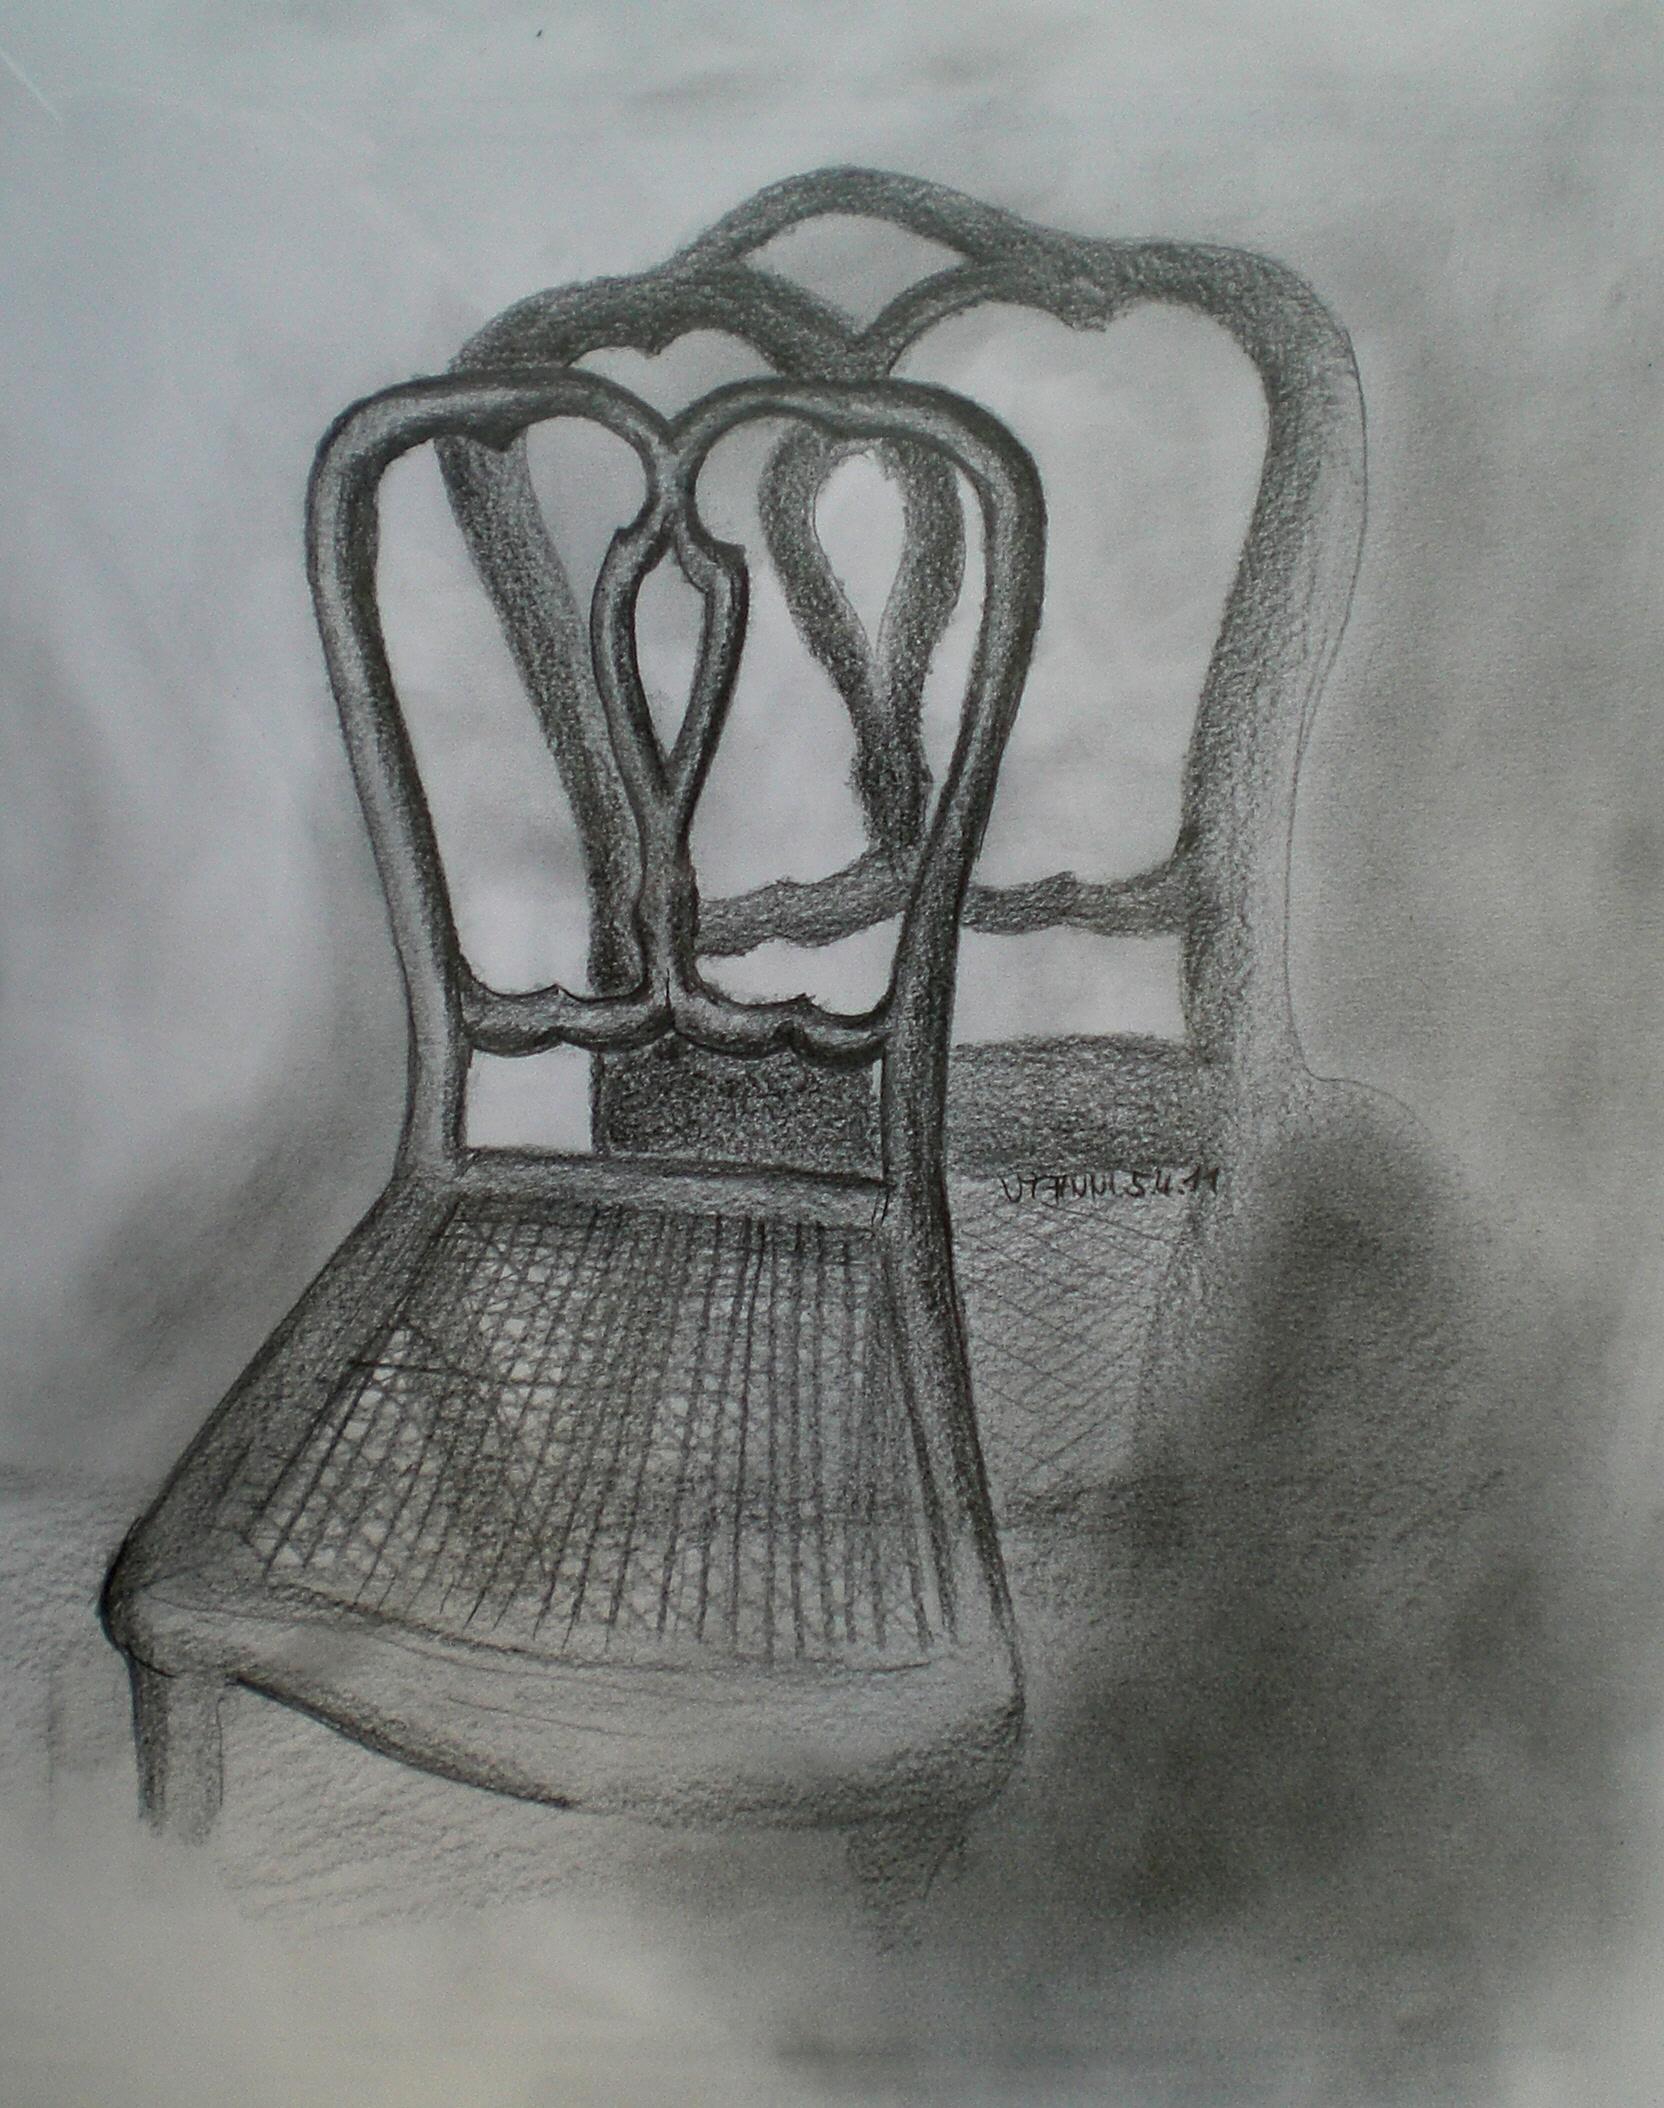 Stuhl Bleistiftzeichnung ~ Bild Schatten19jpg  die Bleistiftzeichnung davon, noch einmal